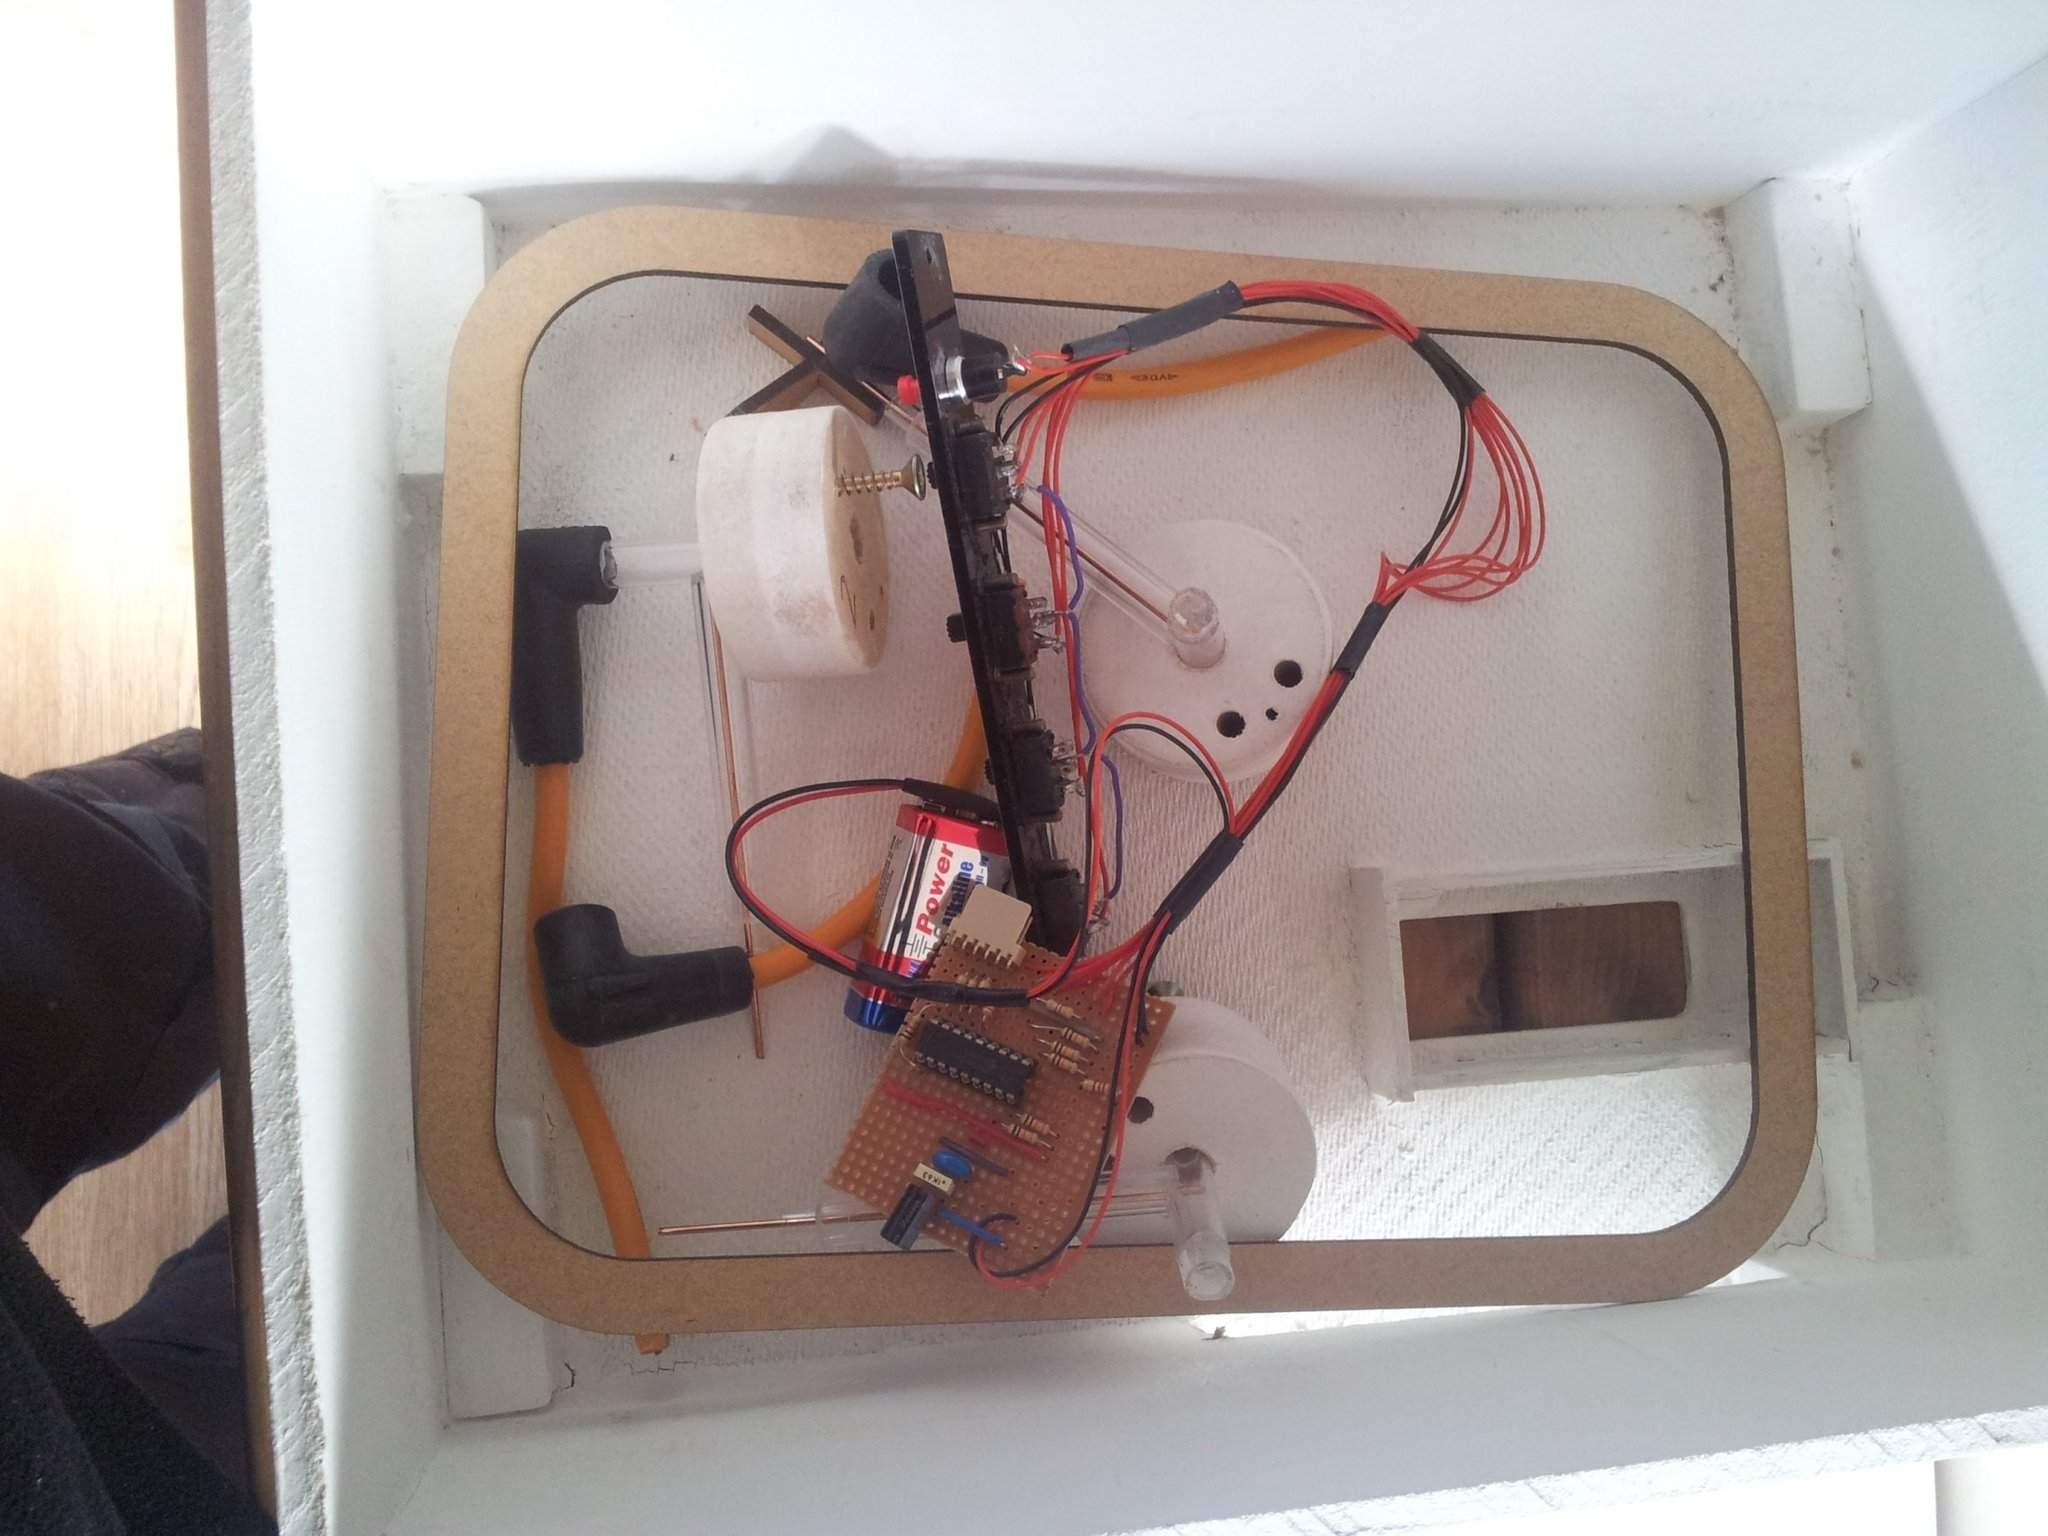 flux capacitor build | Z22SE co uk